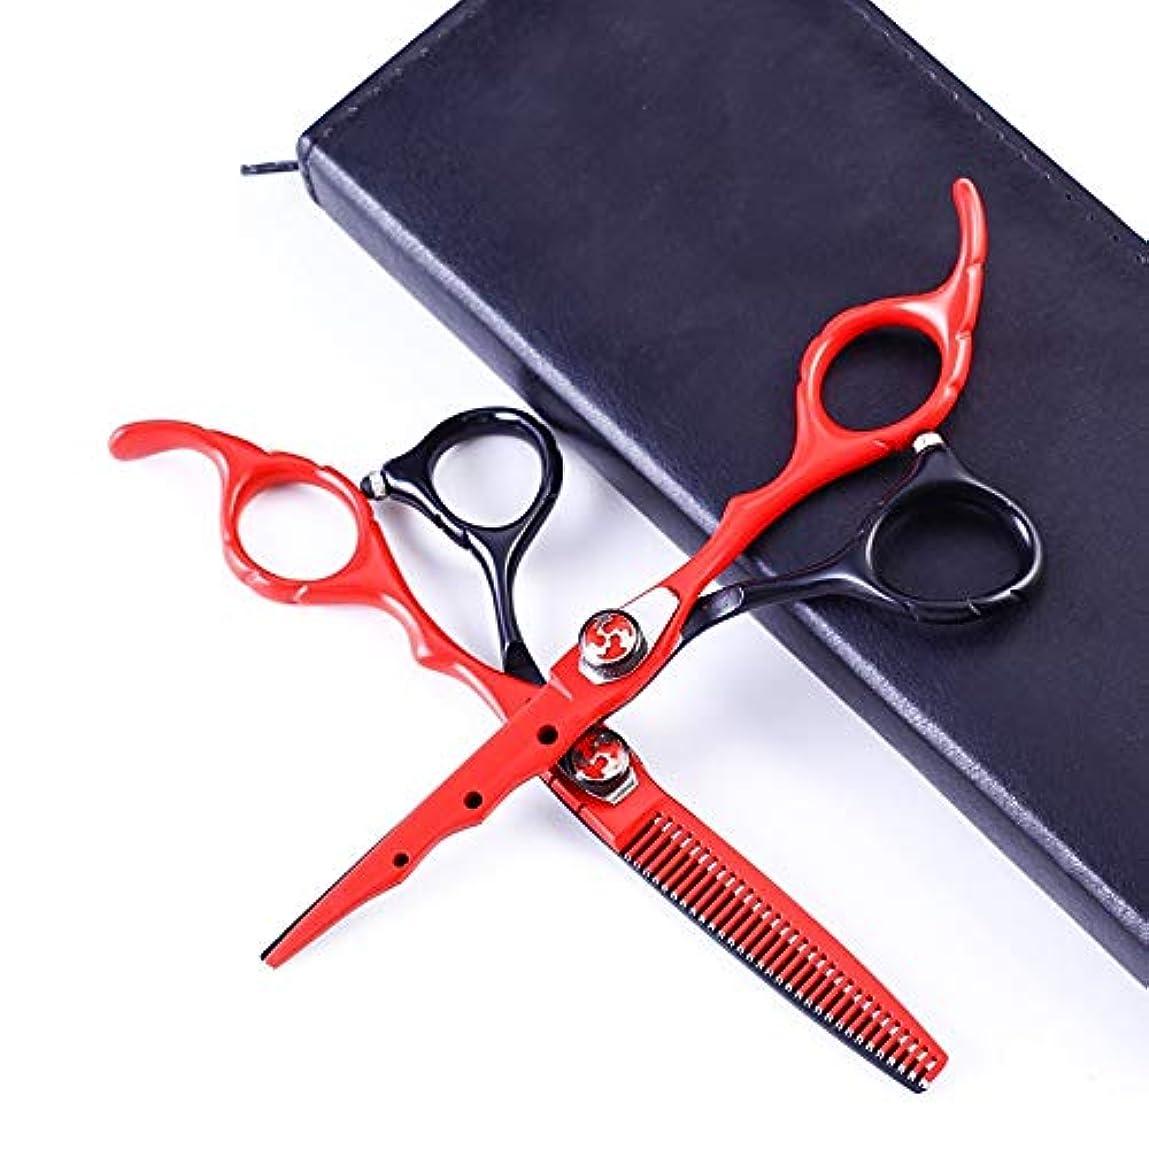 ノート羊チューインガムJiaoran ヘアカットはさみキットプロフェッショナル6.0インチブラックシアーセットトリミング&カッティングステンレススチールヘアカットシアー (Color : Black+red)